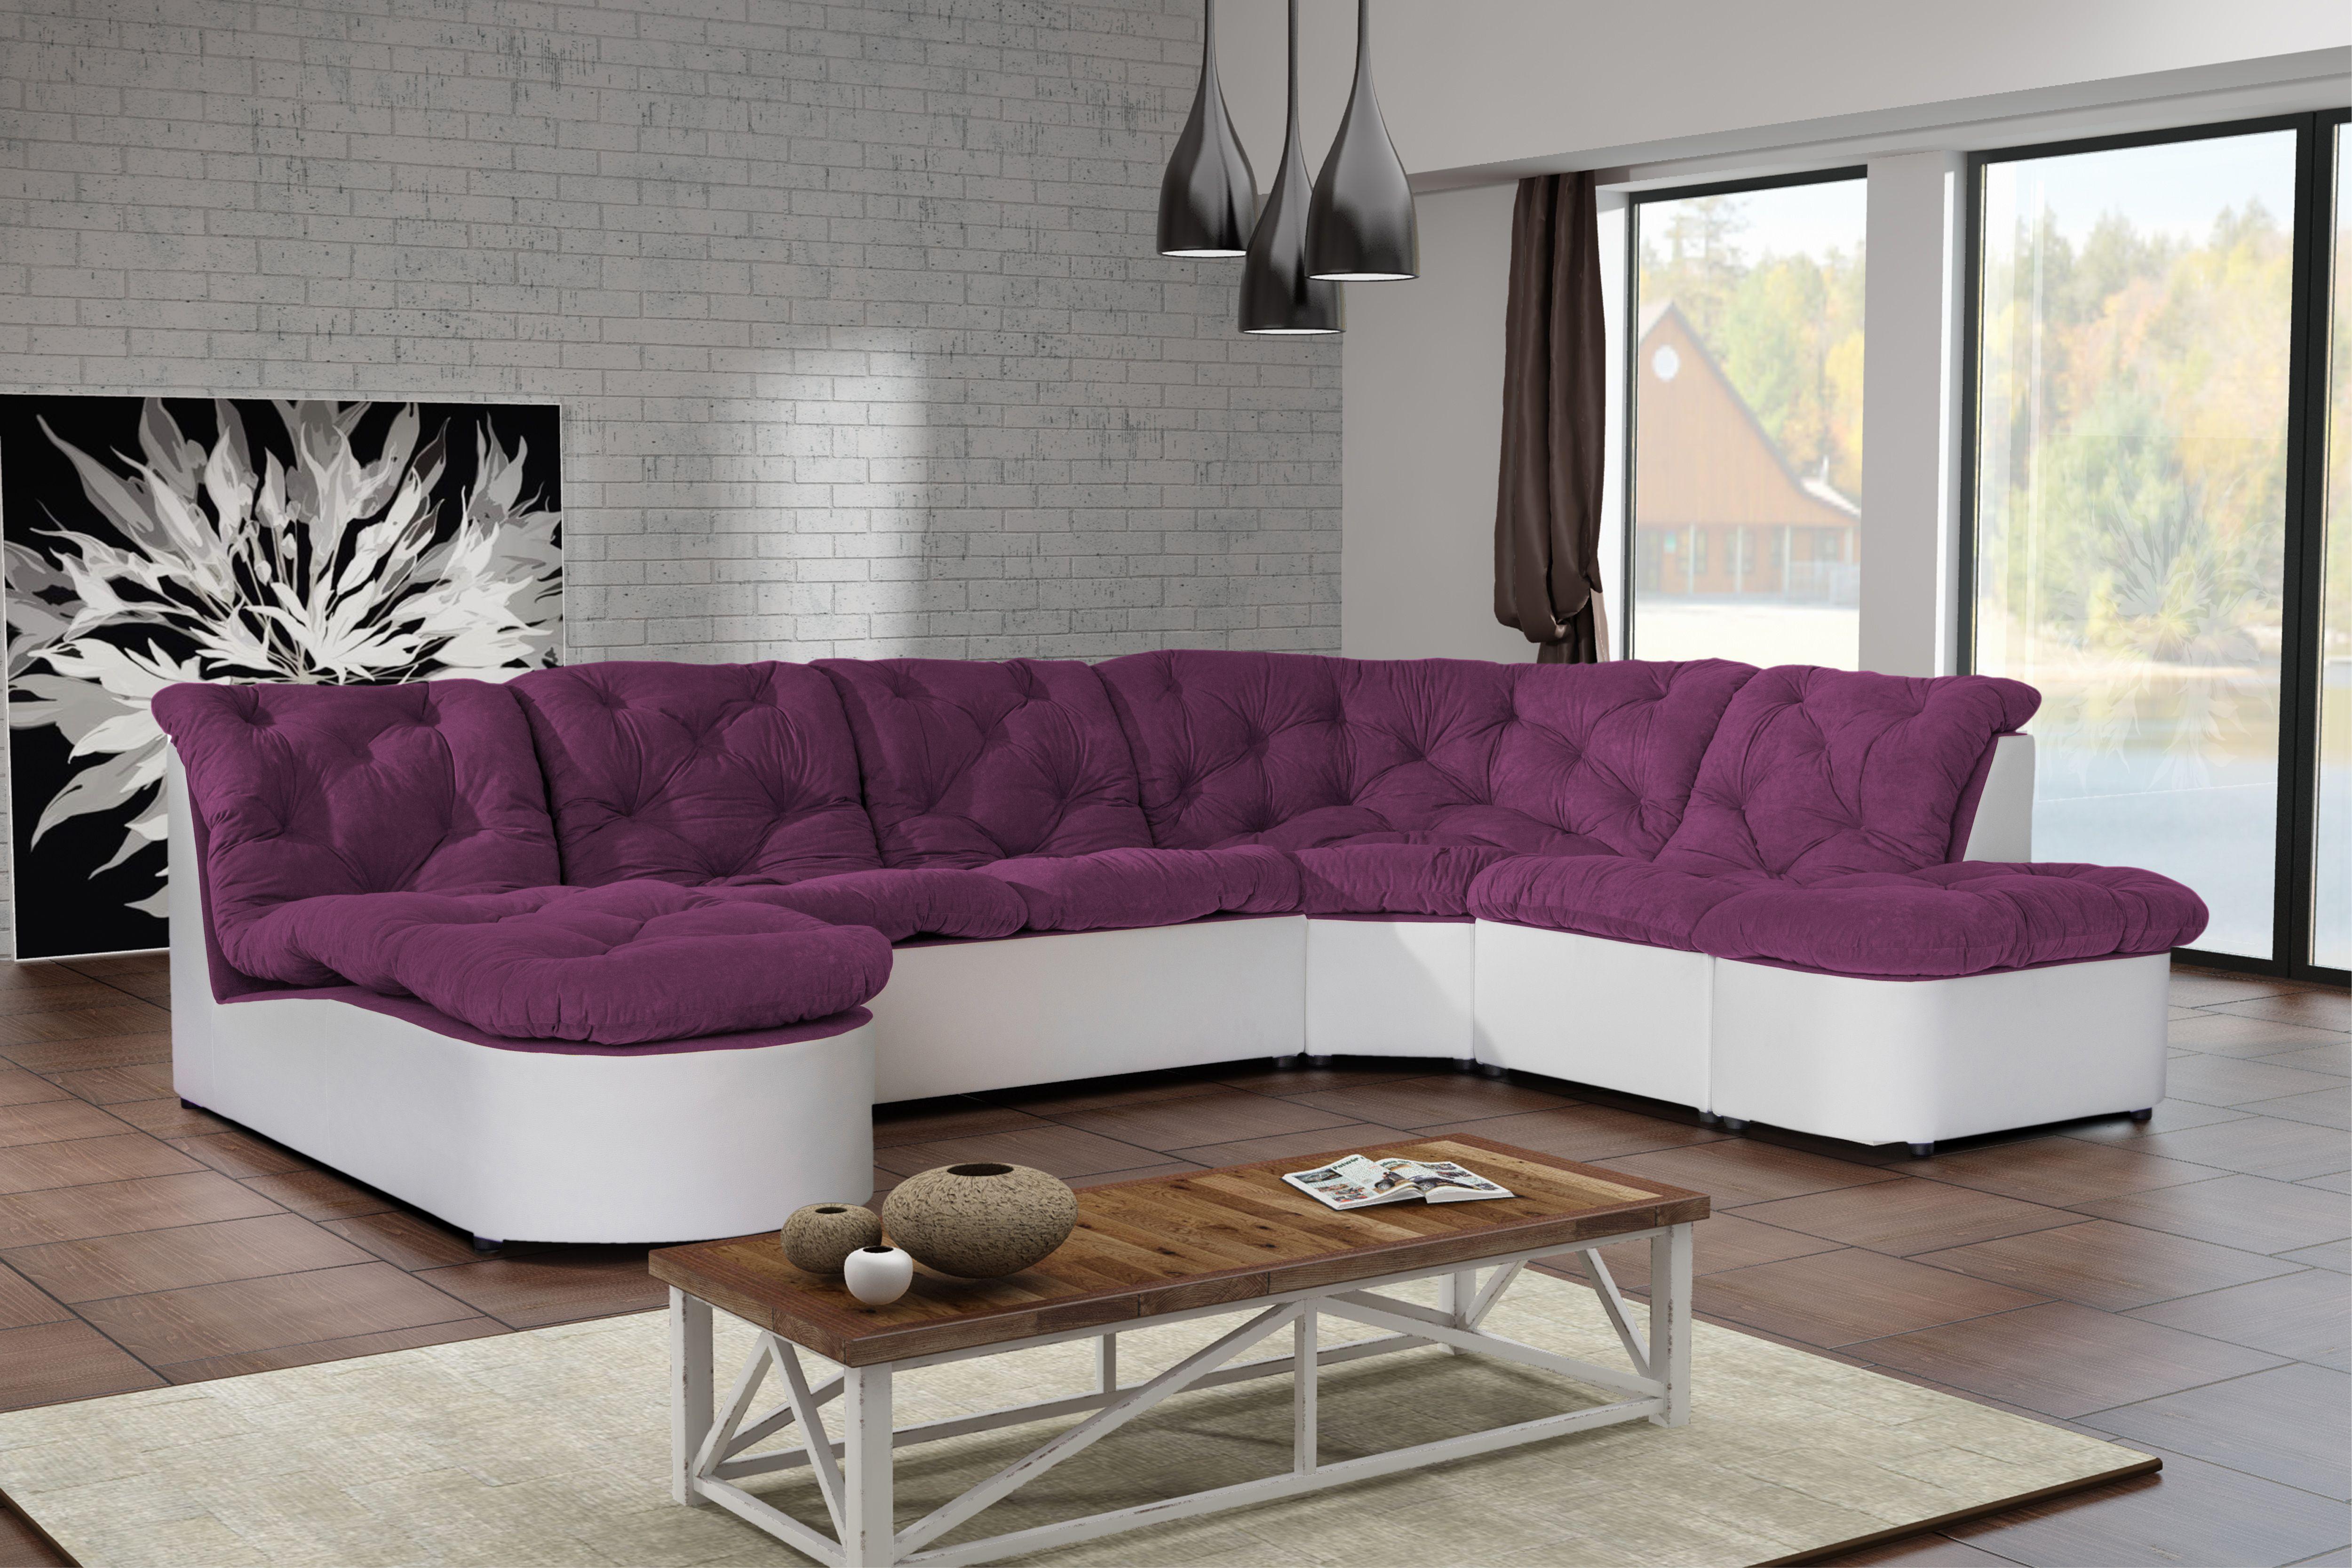 Canapé Clac D'Angle Panoramique Prune/Pu Blanc Sofa Divan dedans Canape D Angle Pas Cher Destockage